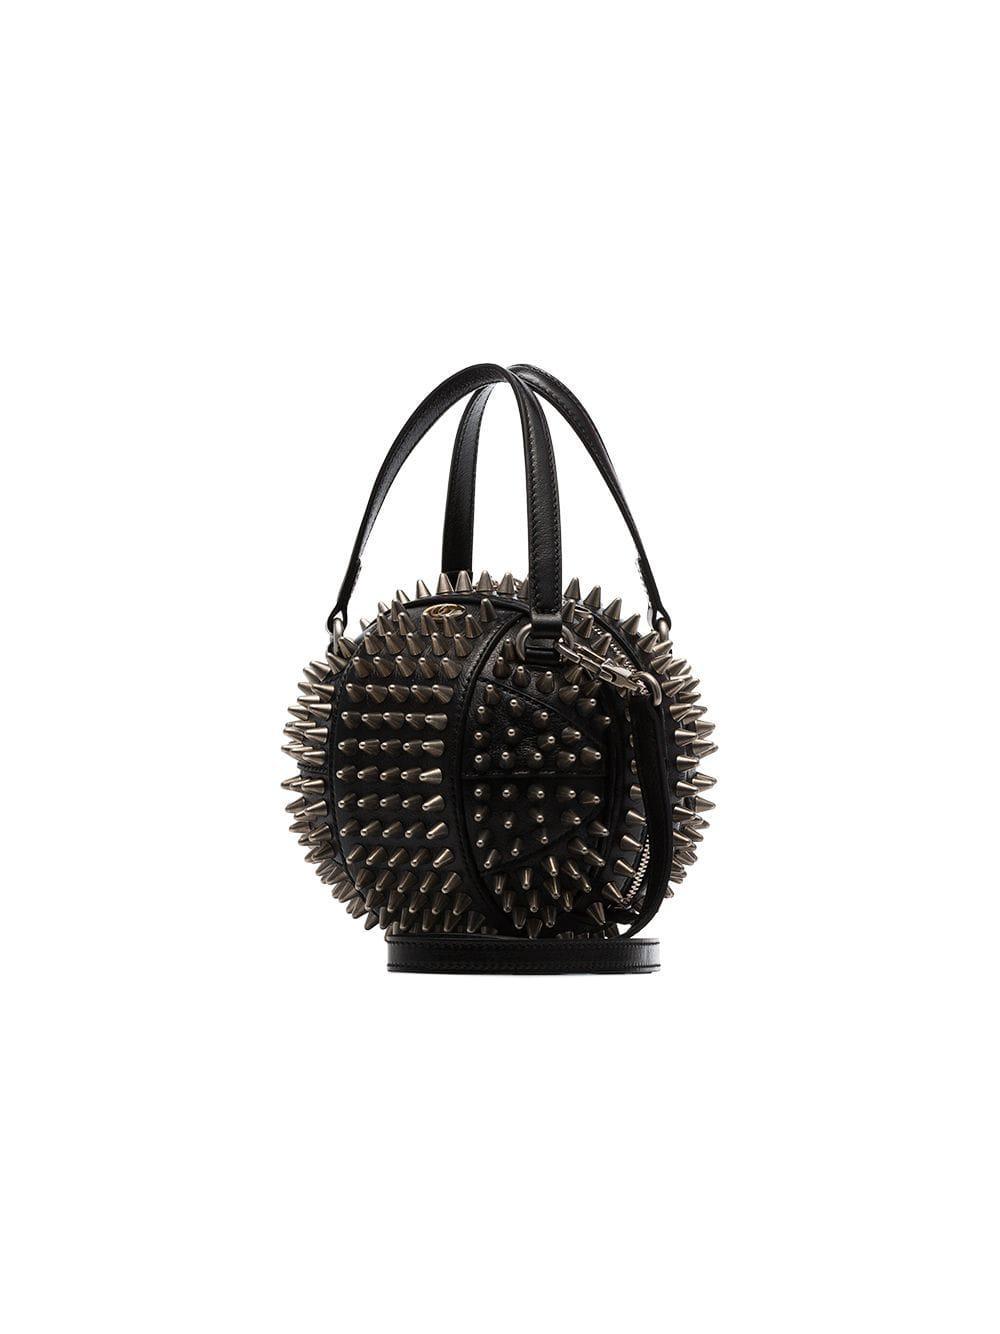 558c70cbb Gucci Black Tifosa Metal Studded Mini Bag in Black - Lyst